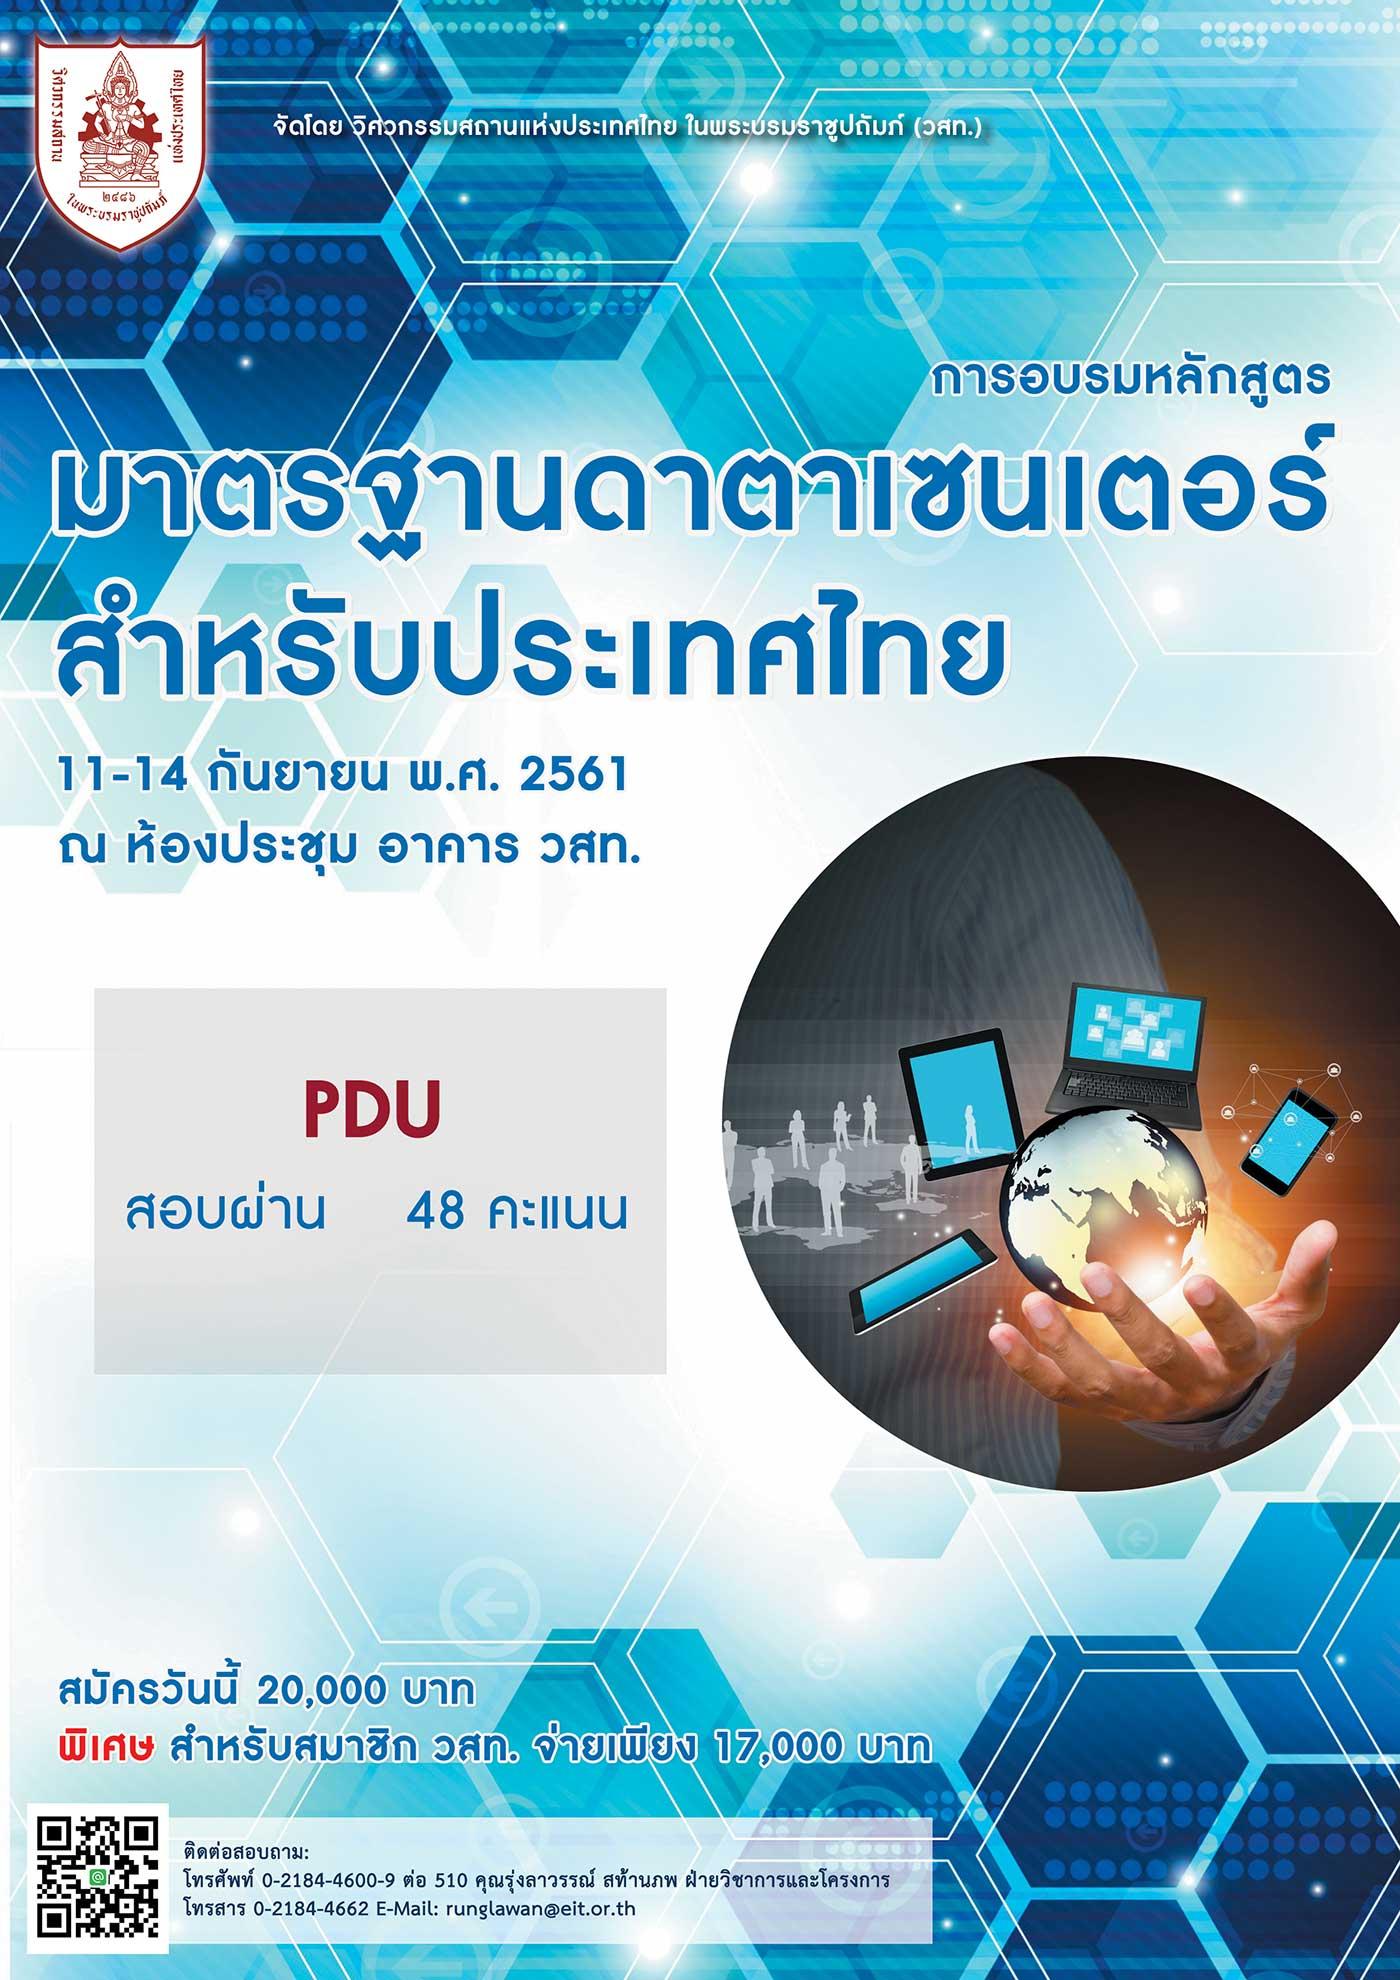 11-14/09/2561 การอบรมหลักสูตร มาตรฐานดาตาเซนเตอร์สำหรับประเทศไทย รุ่นที่ 2